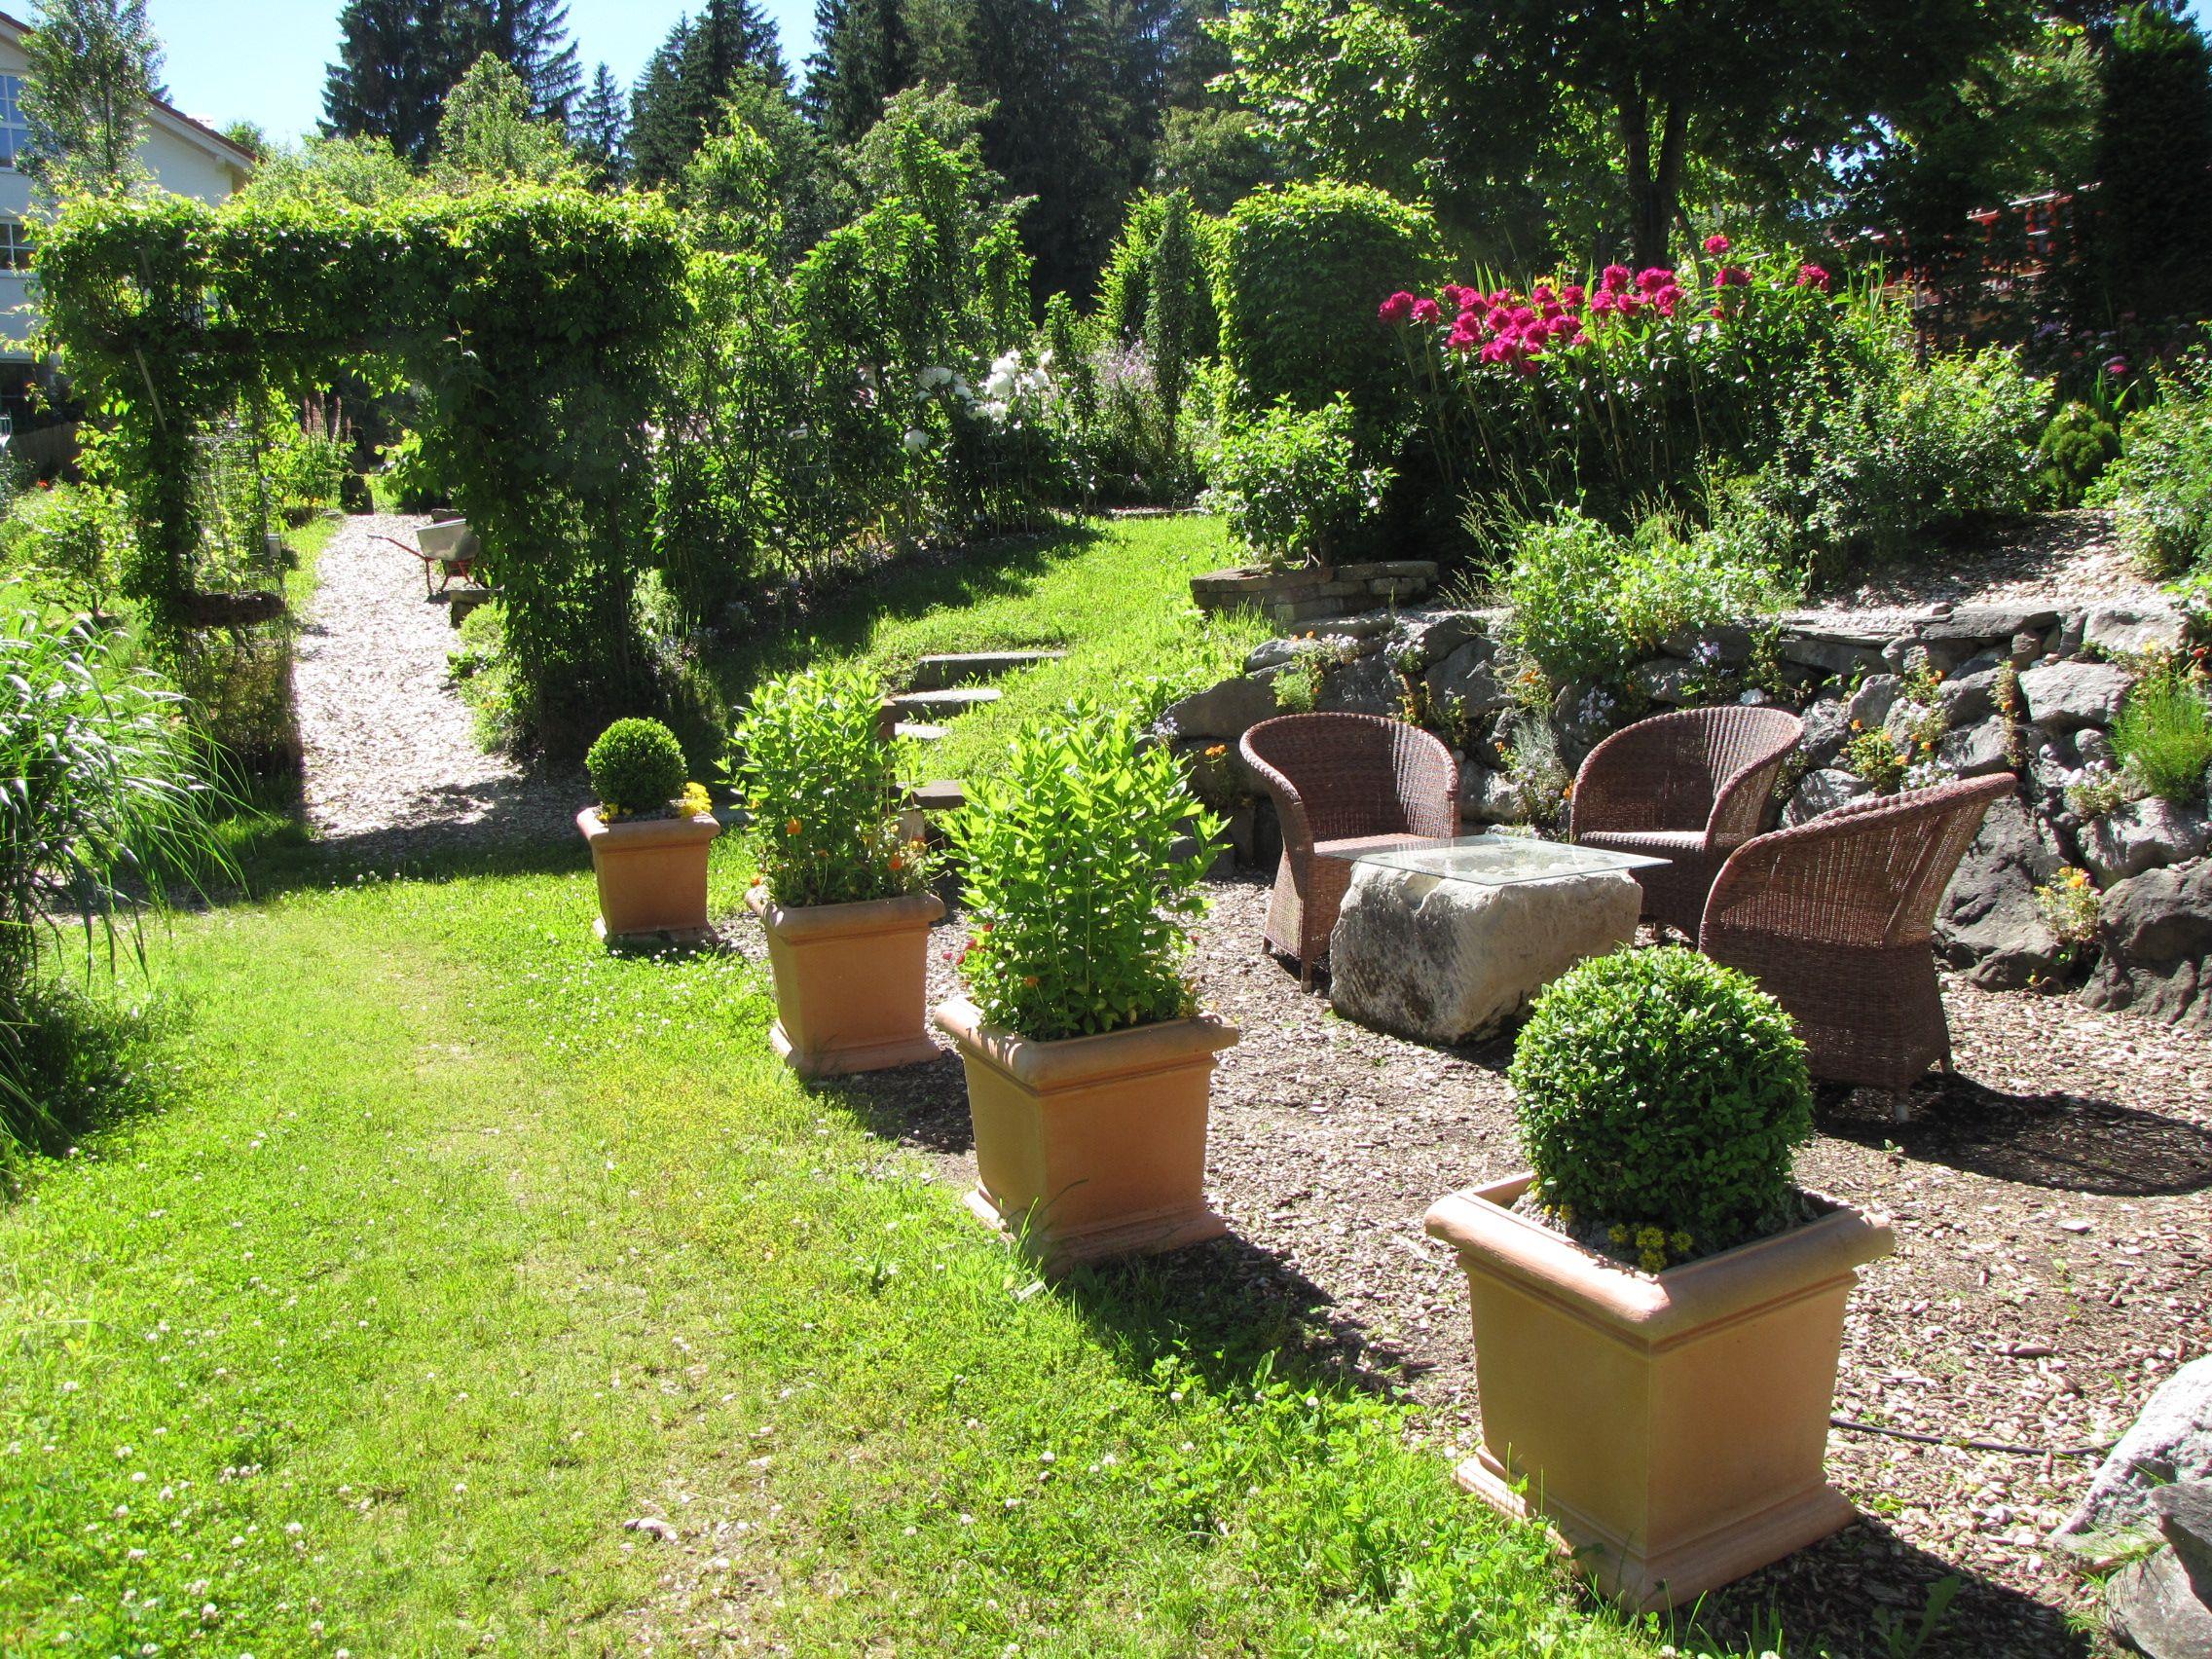 Gemütlicher Sitzplatz an einer Steinmauer im Paradiesgarten Maag ...